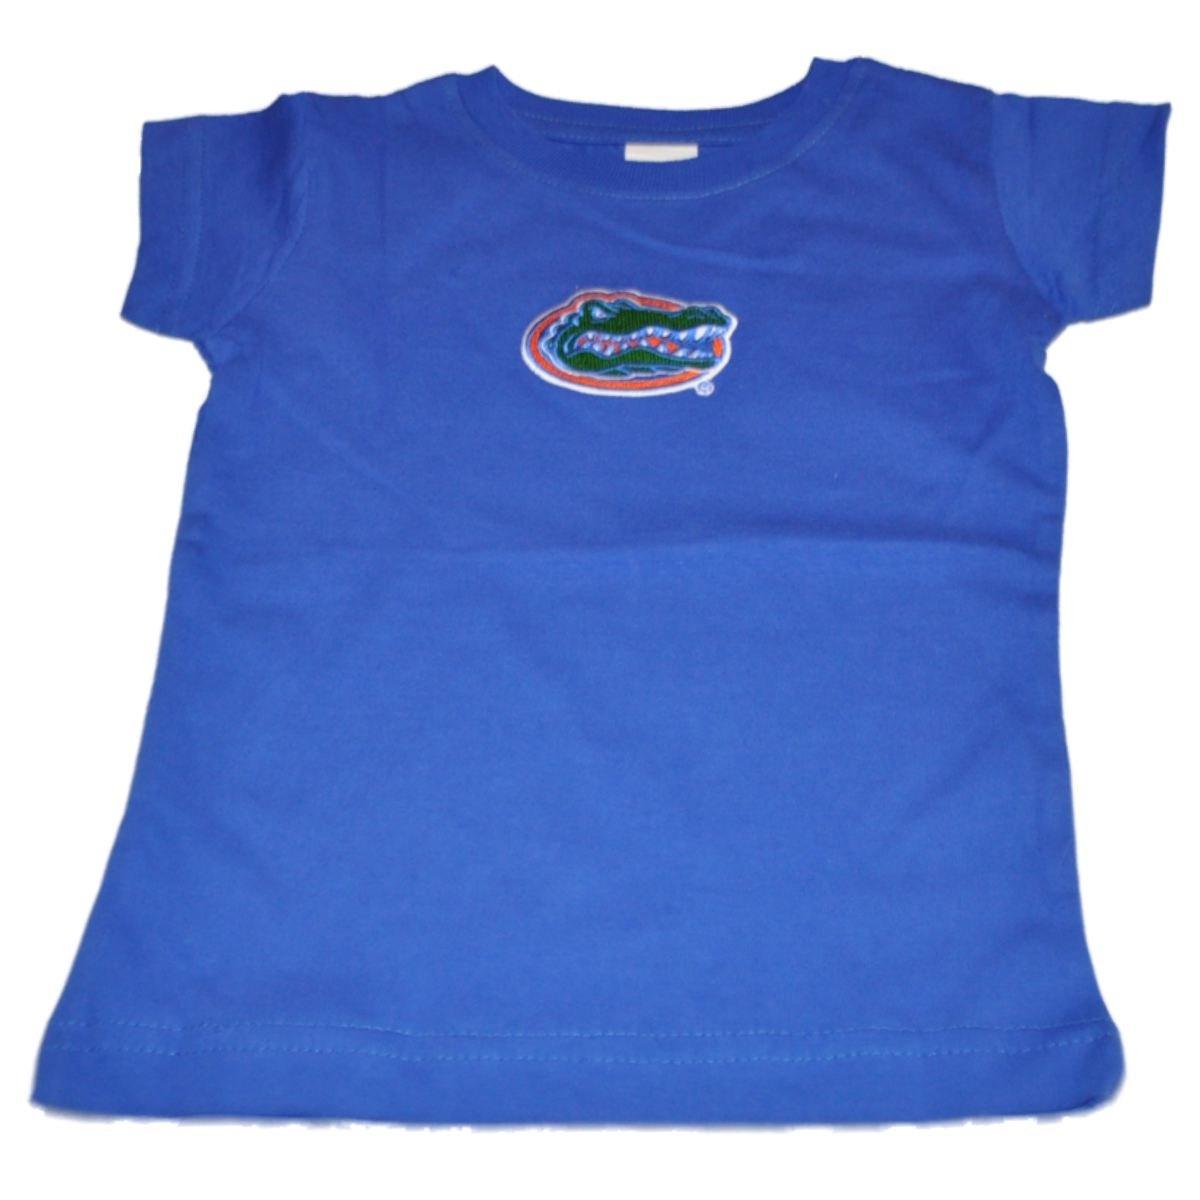 【期間限定送料無料】 Florida Gators Two 4T Feet Ahead幼児用ガールズコットンブルーロング長Tシャツ Two 4T Gators B0115MA9SO, BREAKOUT:7e30a76a --- a0267596.xsph.ru